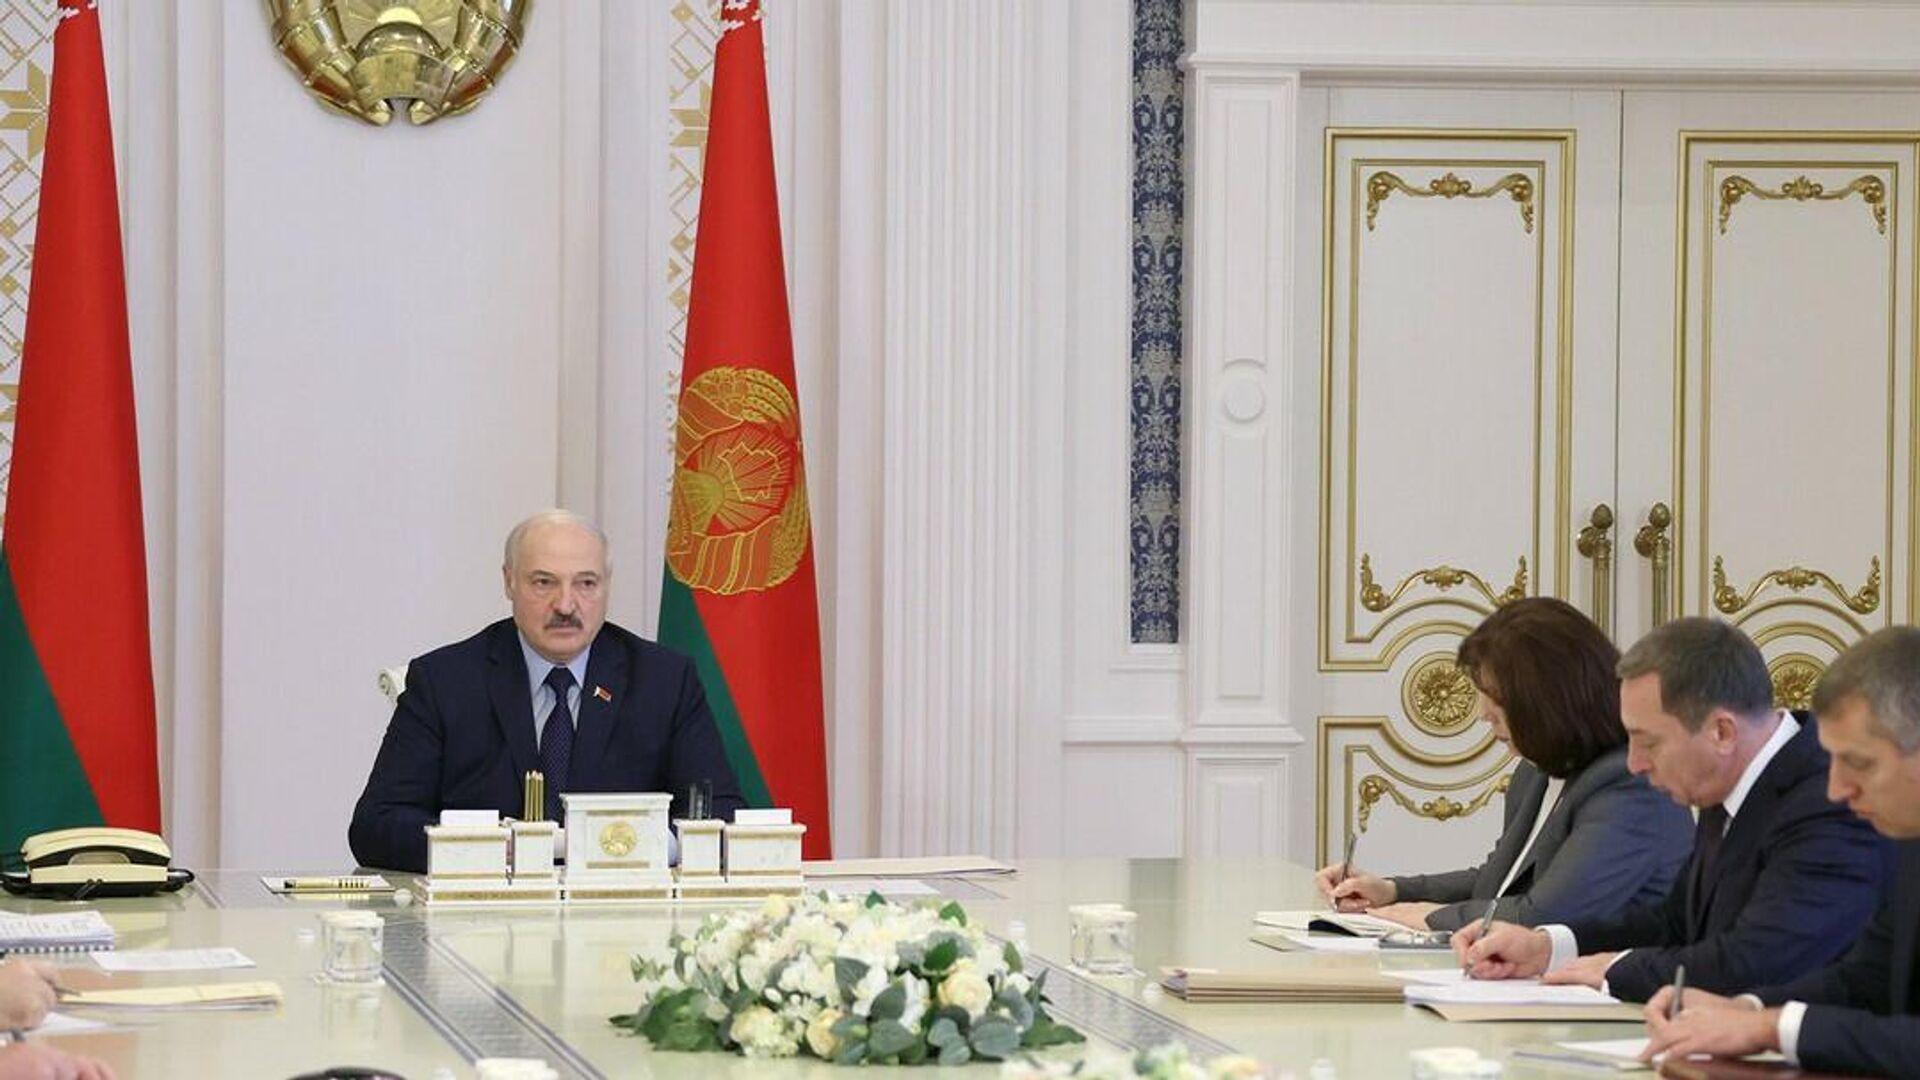 Александр Лукашенко на совещании о противодействии санкционным мерам - Sputnik Беларусь, 1920, 07.10.2021